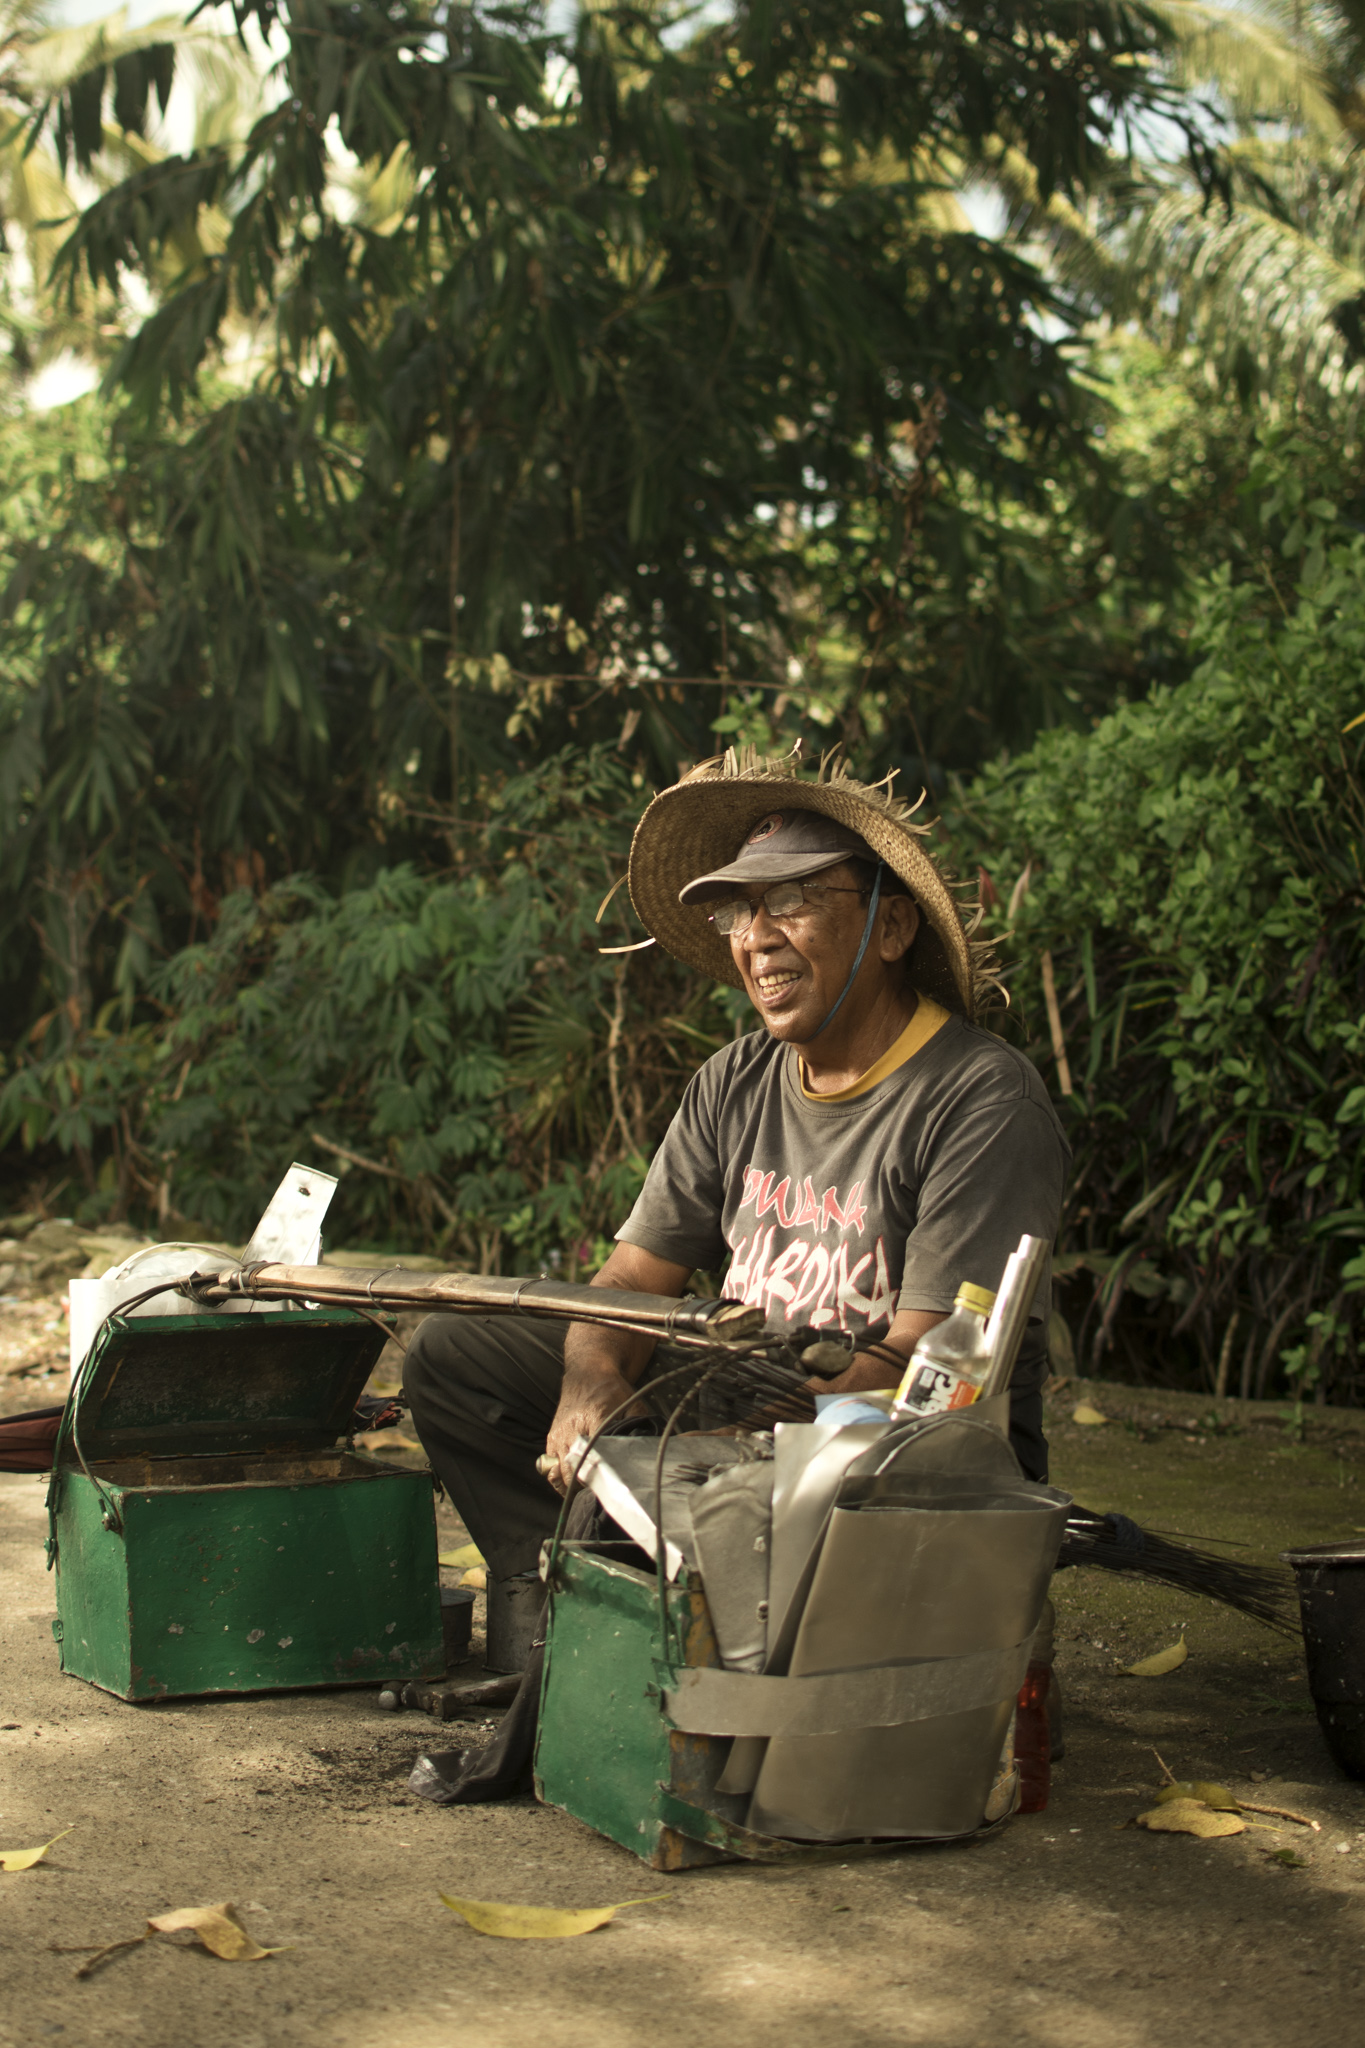 Villager, Jegu Penebel, Bali, Tabanan